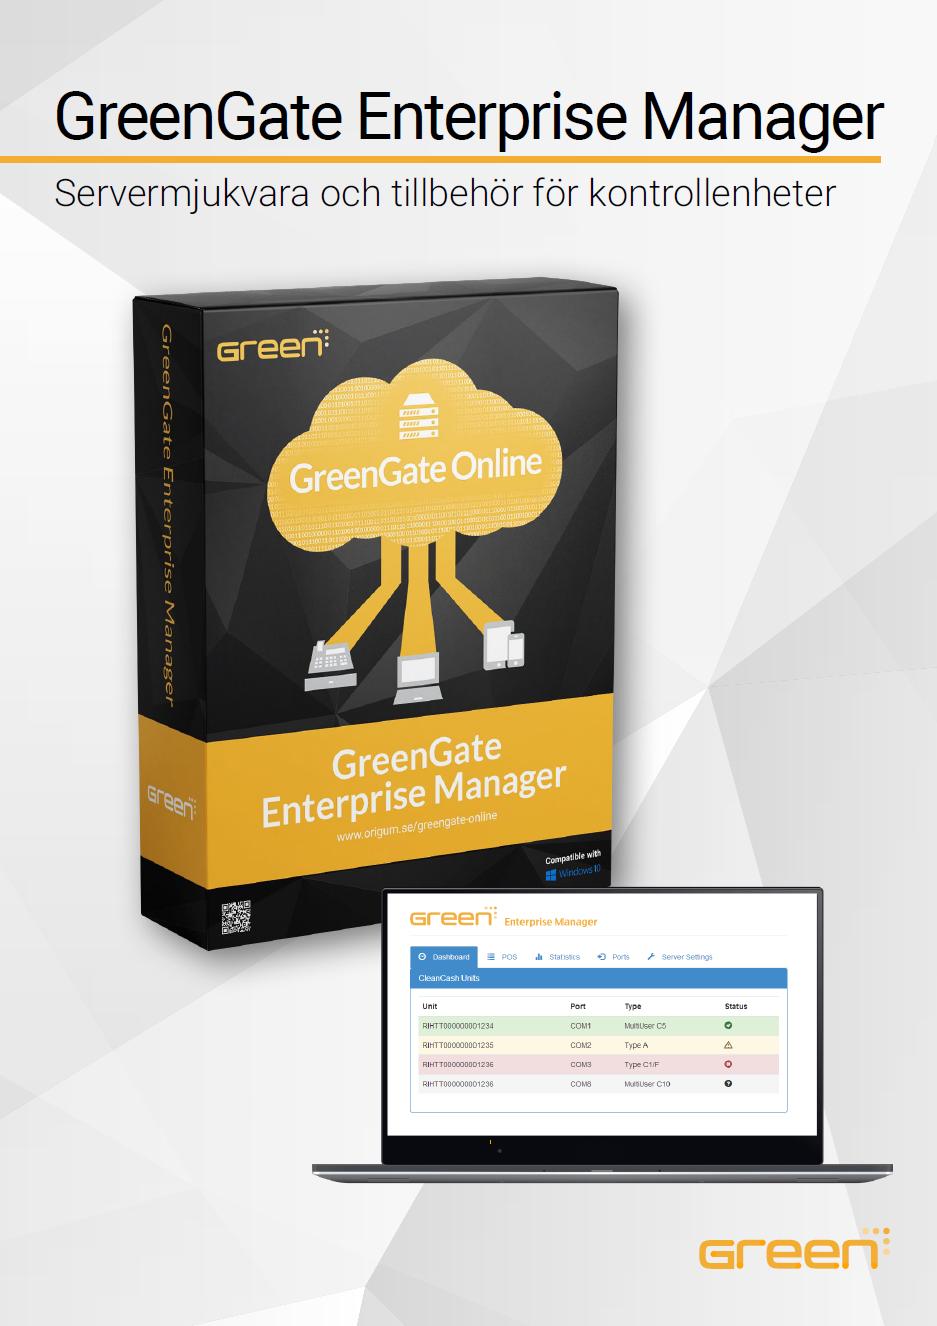 green-gate-enterprise-manager-datablad